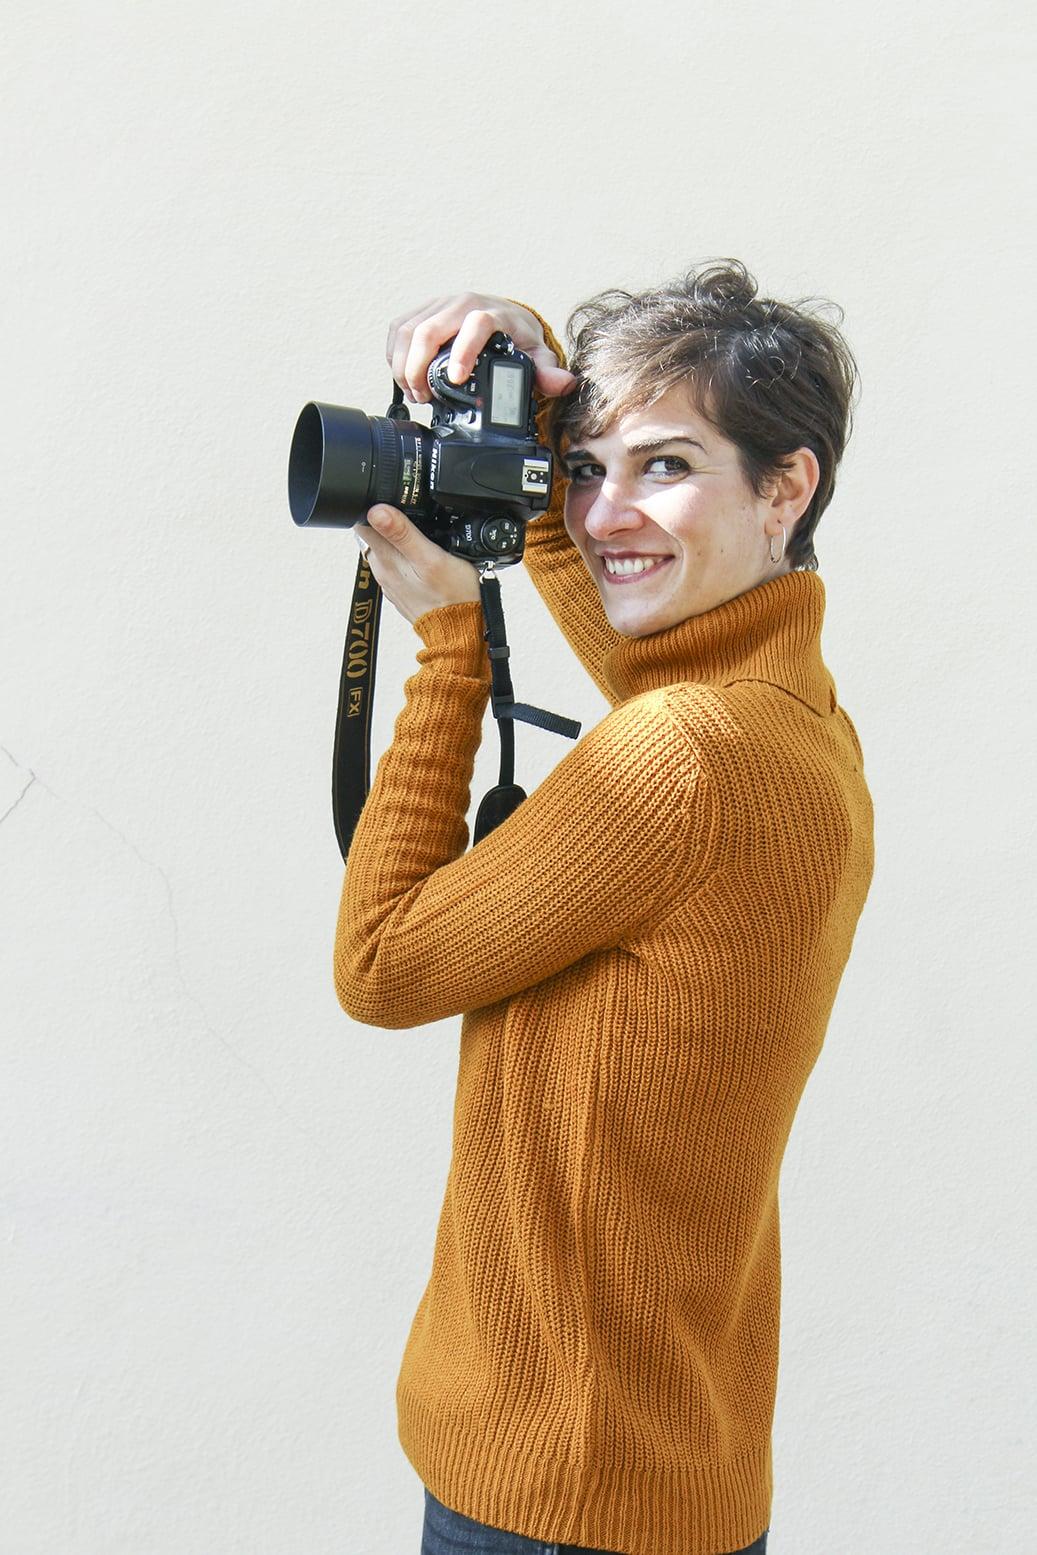 Fotografo Cava Dei Tirreni scegli il fotografo che fa per te tra i migliori 41 a cava